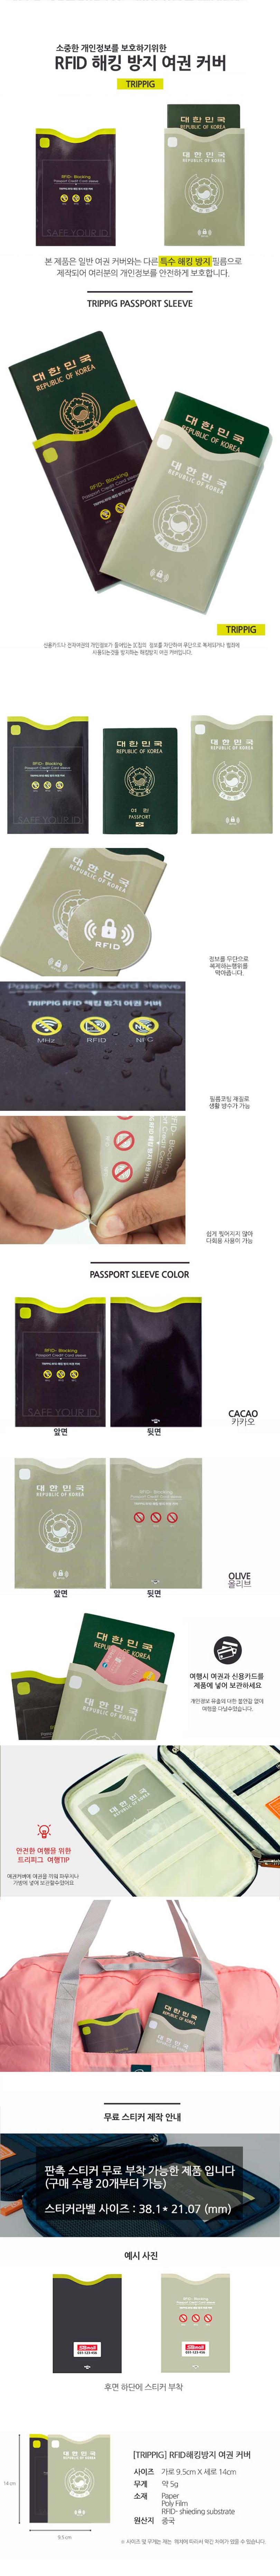 피트래블 트리피그 RFID차단 여권 슬리브 - 피트래블, 1,900원, 편의용품, 기타 여행용품